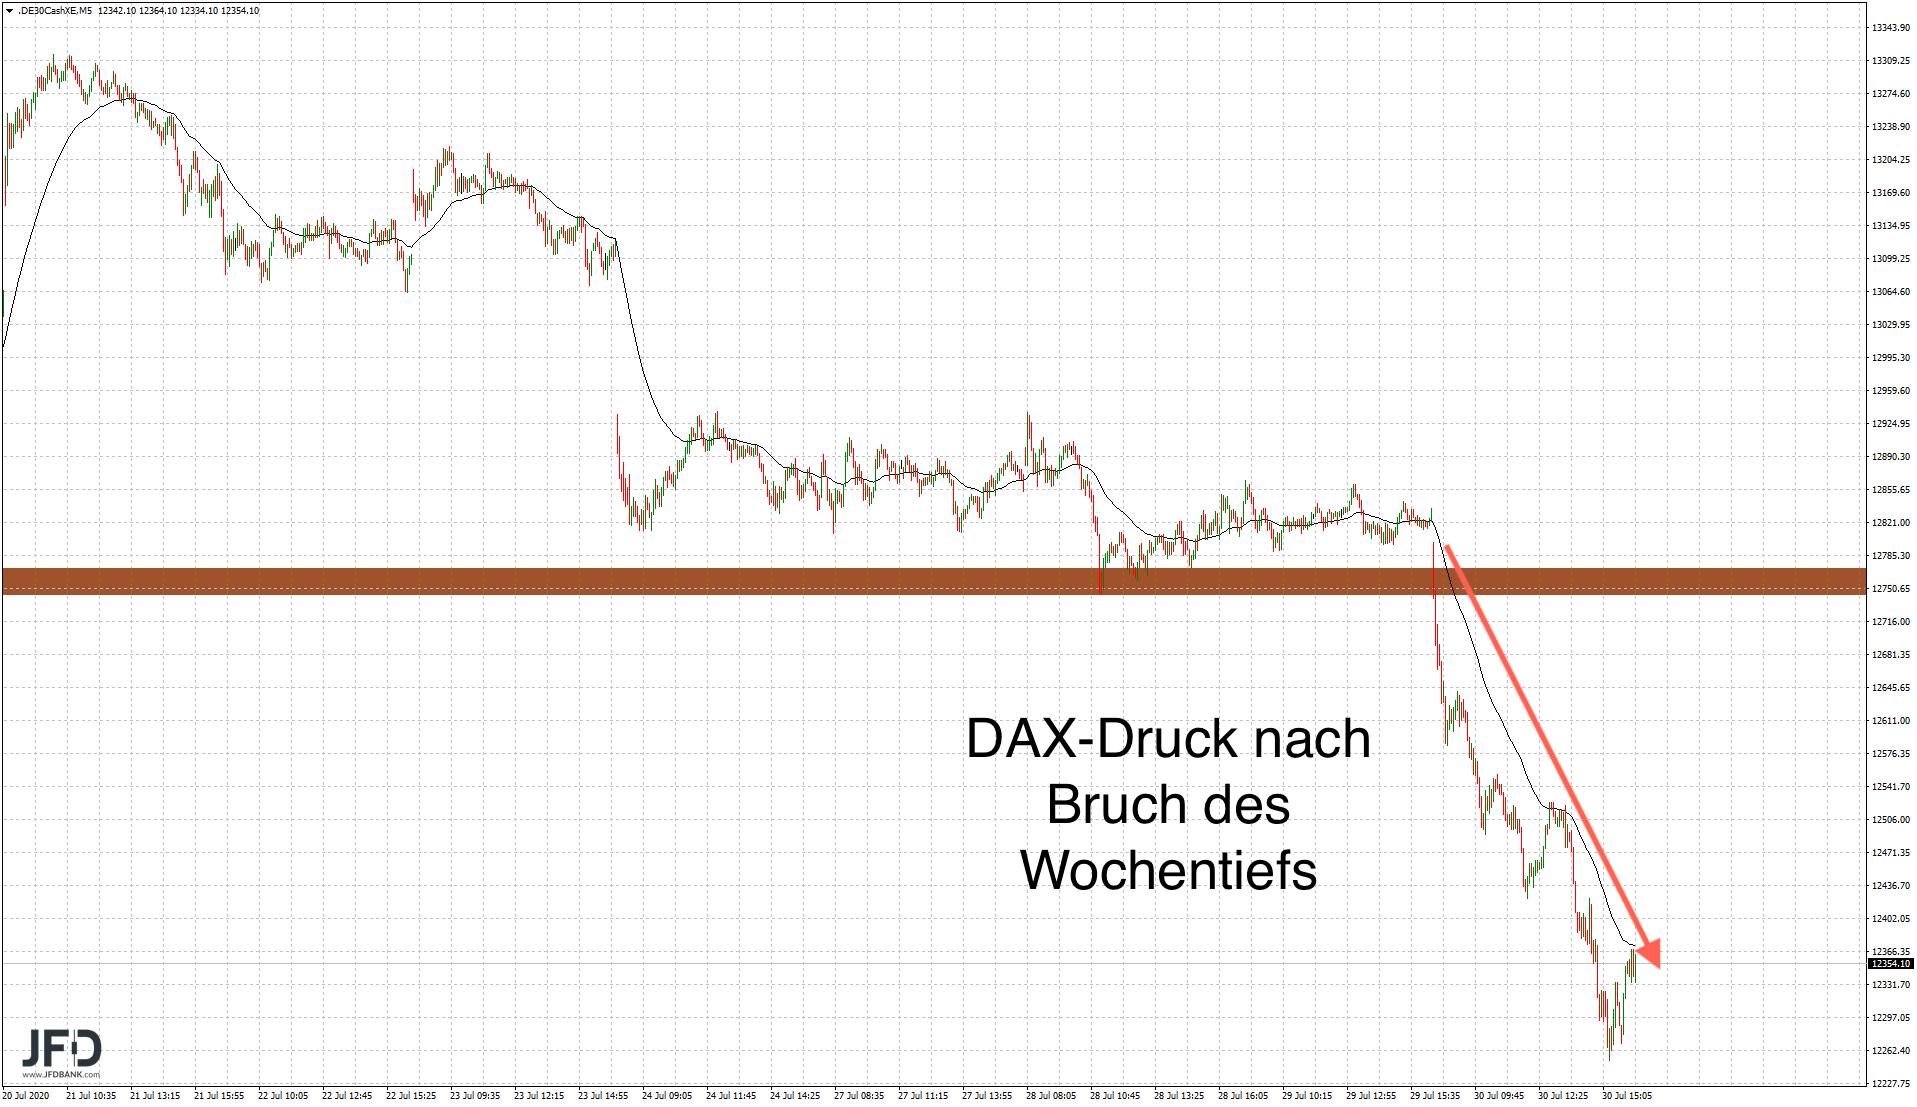 Entladung-des-DAX-auf-der-Unterseite-Hintergründe-und-Trading-Setups-Kommentar-JFD-Bank-GodmodeTrader.de-3